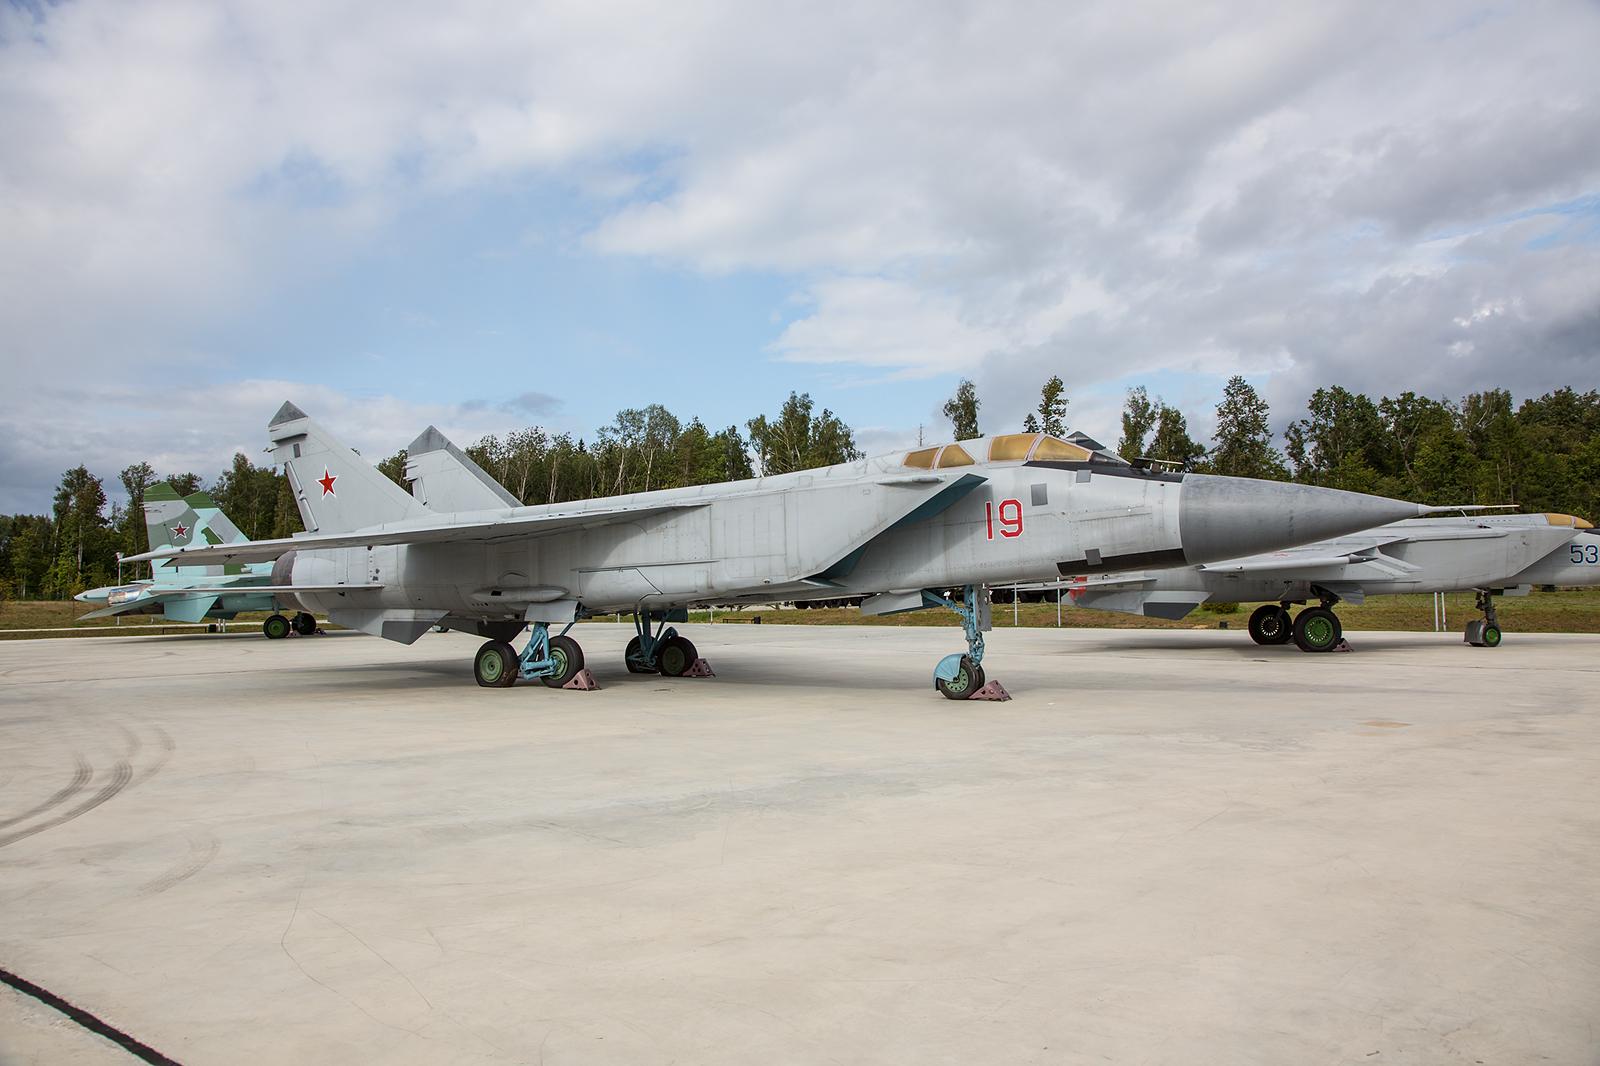 Der Abfangjäger MiG-31. Er soll vorallem Marschflugkörper bekämpfen und ist für hohe Geschwindigkeiten gebaut.